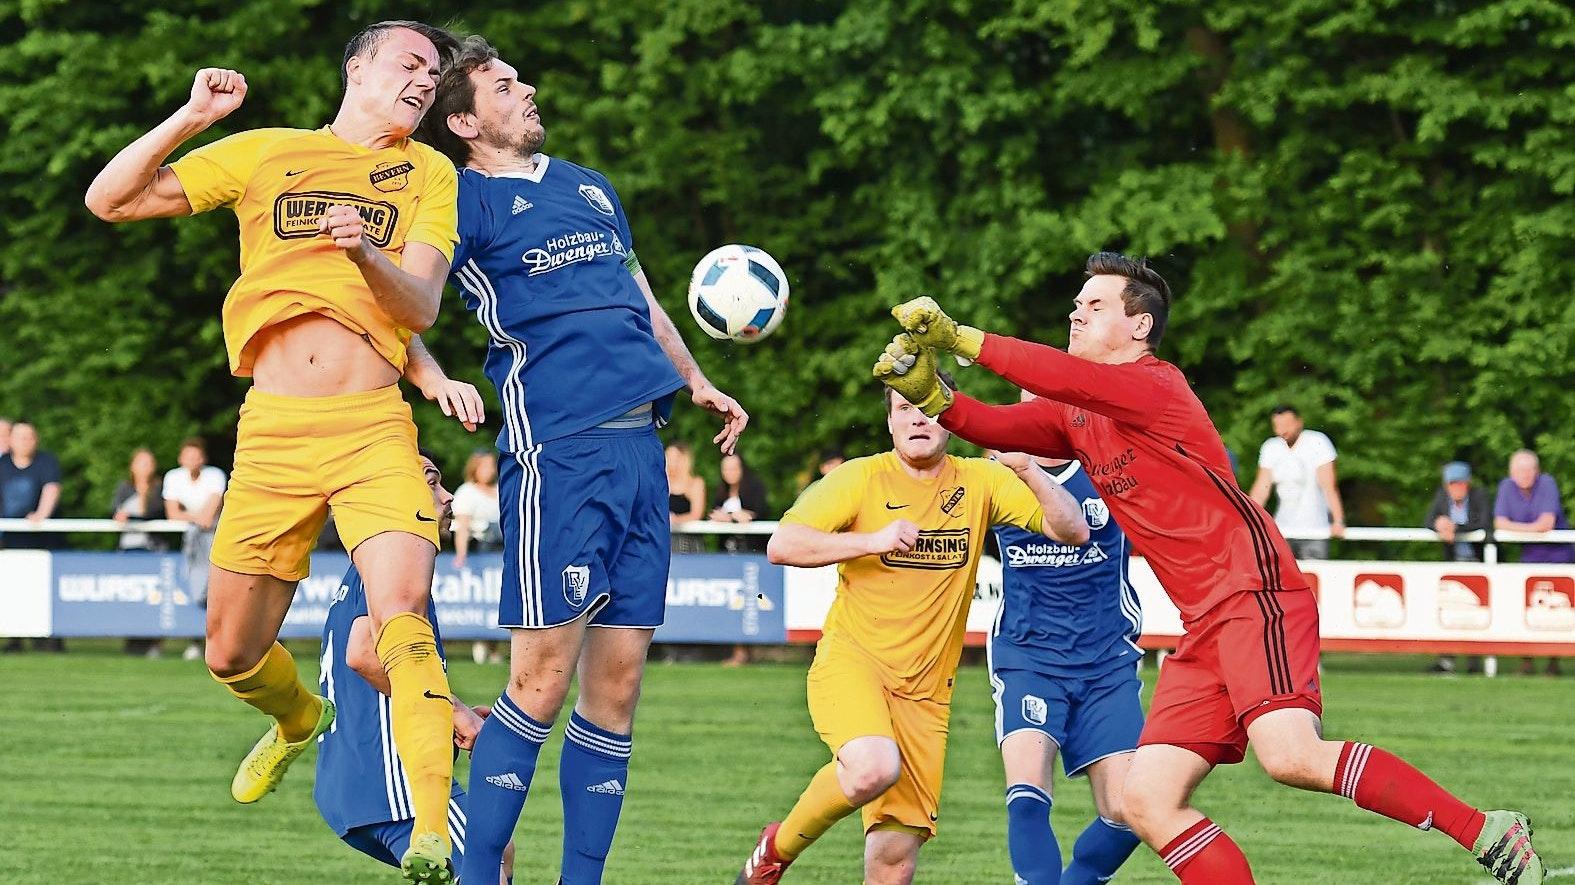 Ein Derby, das in Zukunft fehlt: Duelle zwischen dem BV Essen (blaue Trikots) und SV Bevern sorgten in den vergangenen Jahren nicht nur für reichlich Zuschauerinteresse, sondern auch für sportliche Brisanz. Archivfoto: Wulfers